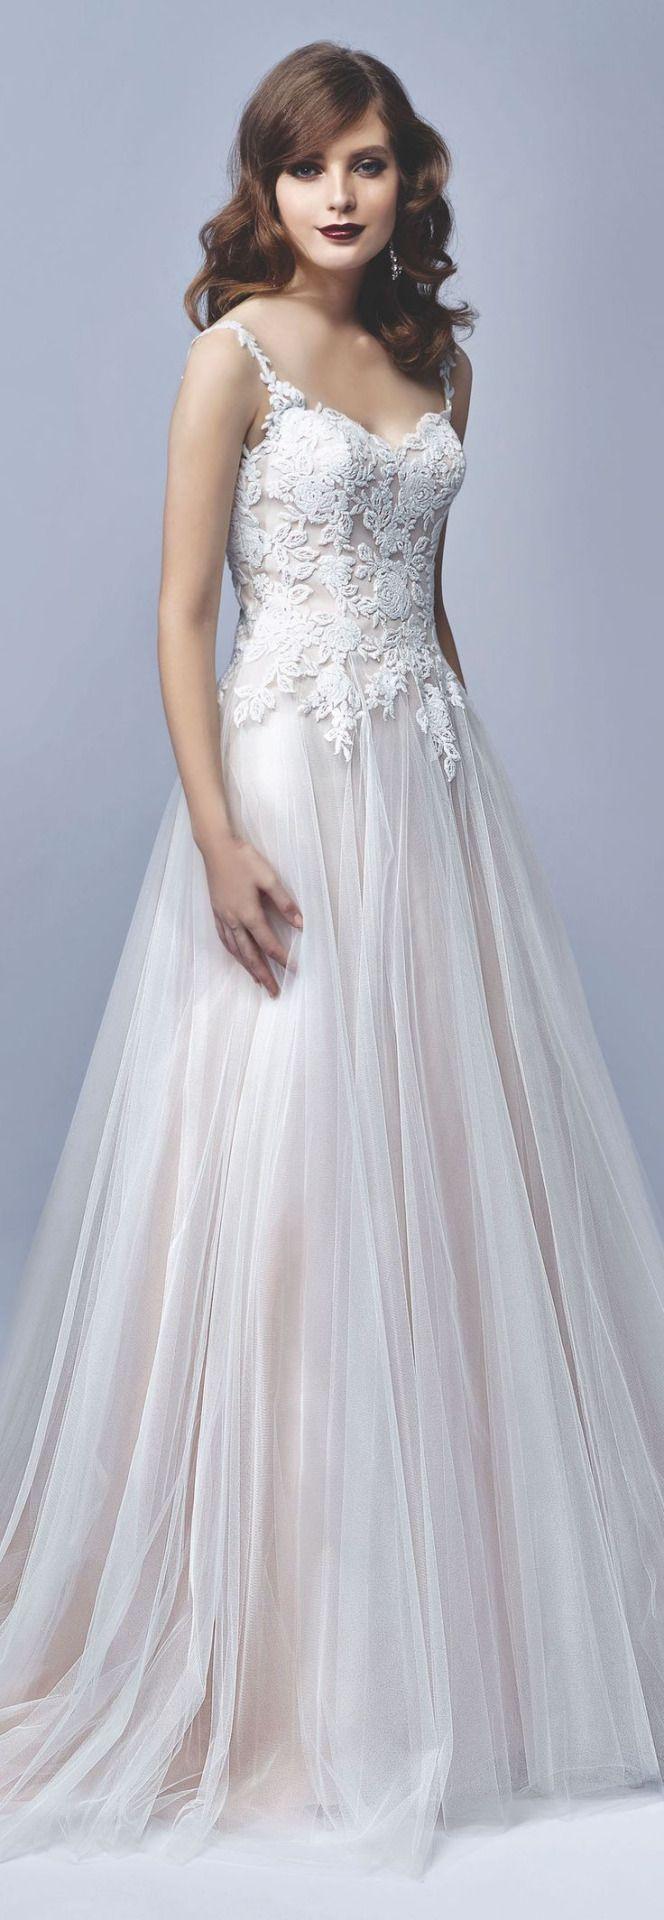 14 besten Papilio Brautkleider Hochzeitskleider Bilder auf Pinterest ...